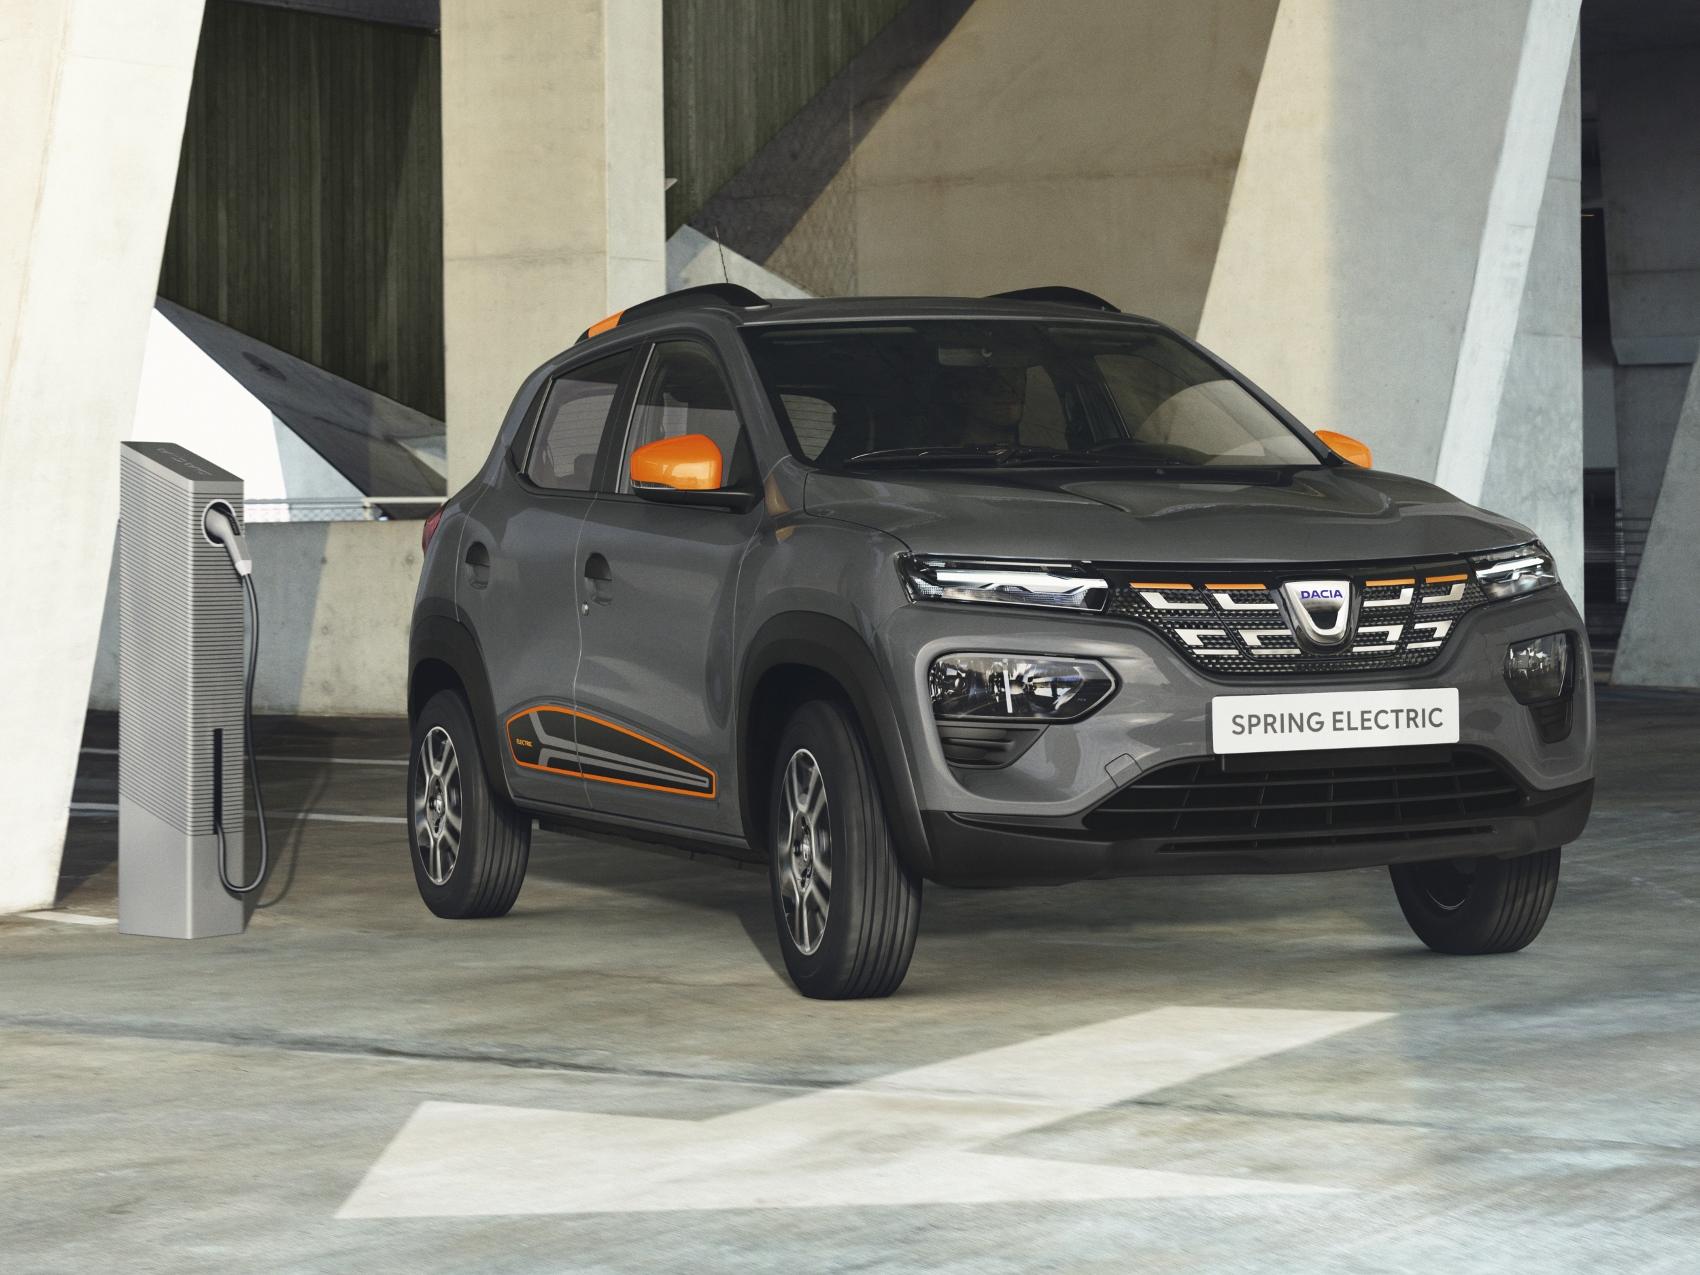 Nová elektrická Dacia Spring bude superlacná gxIthwBsPf 2020-dacia-spring-1-1700x1275